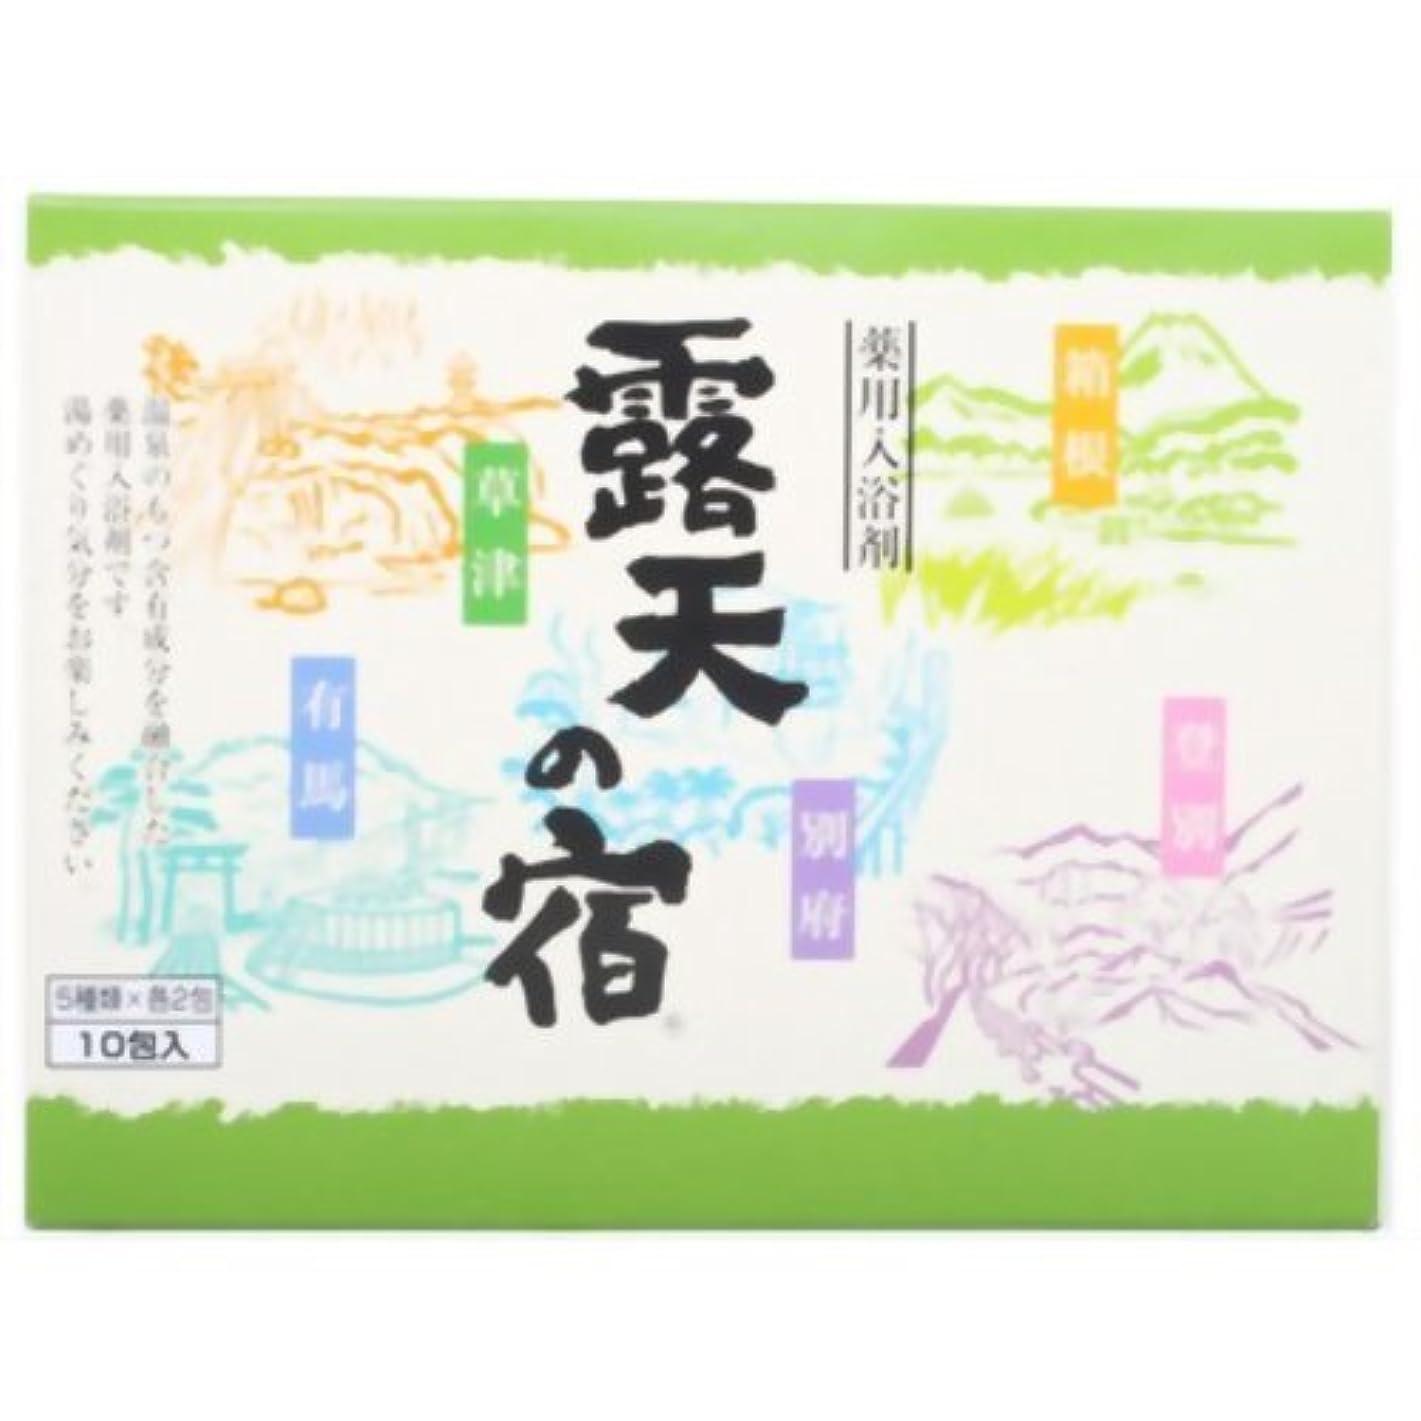 薬用入浴剤 露天の宿 10包入(5種類*各2包)